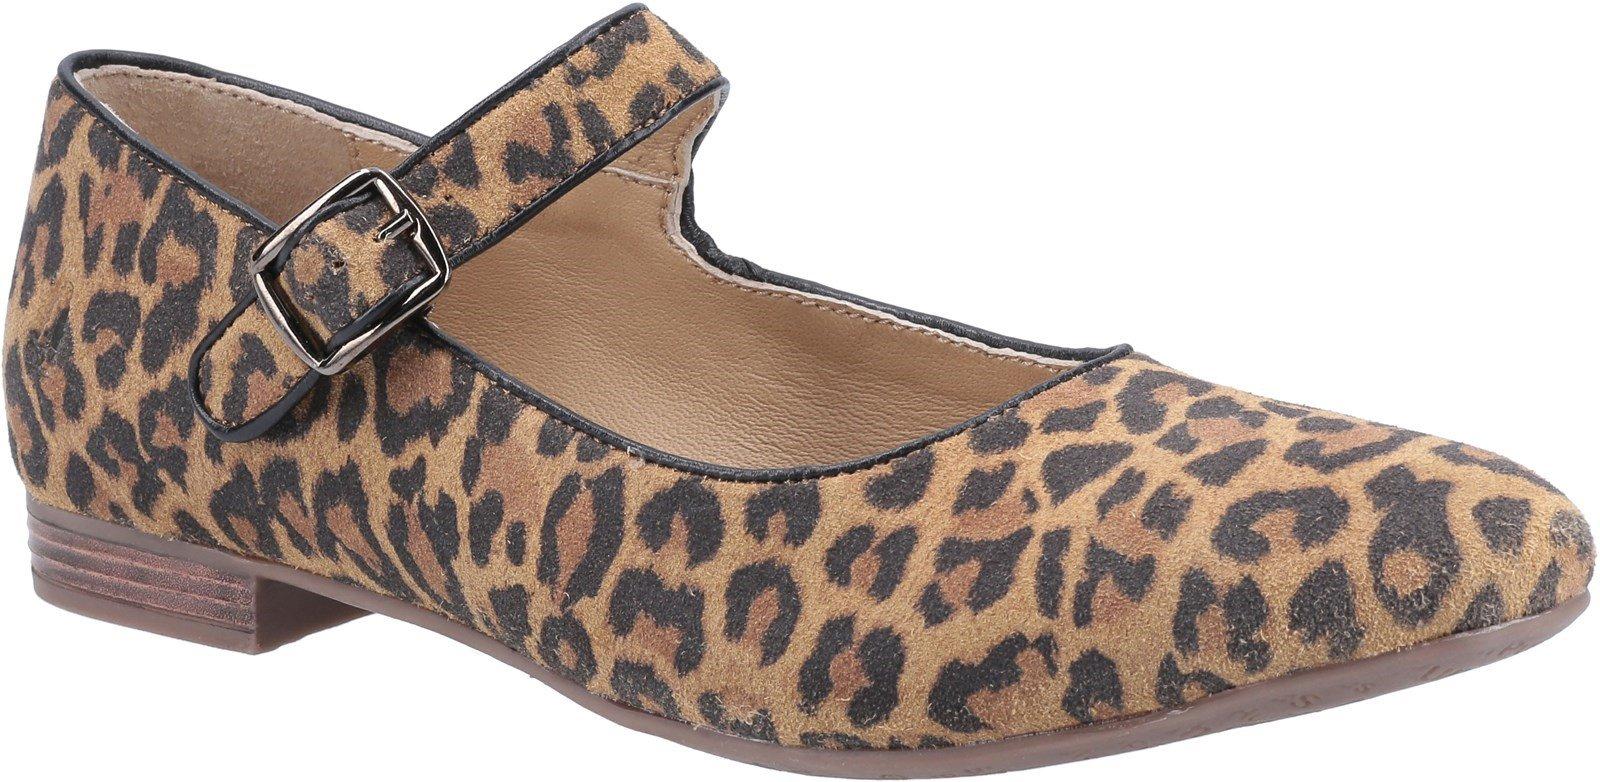 Hush Puppies Women's Melissa Strap Flat Shoe Various Colours 31954 - Leopard 3